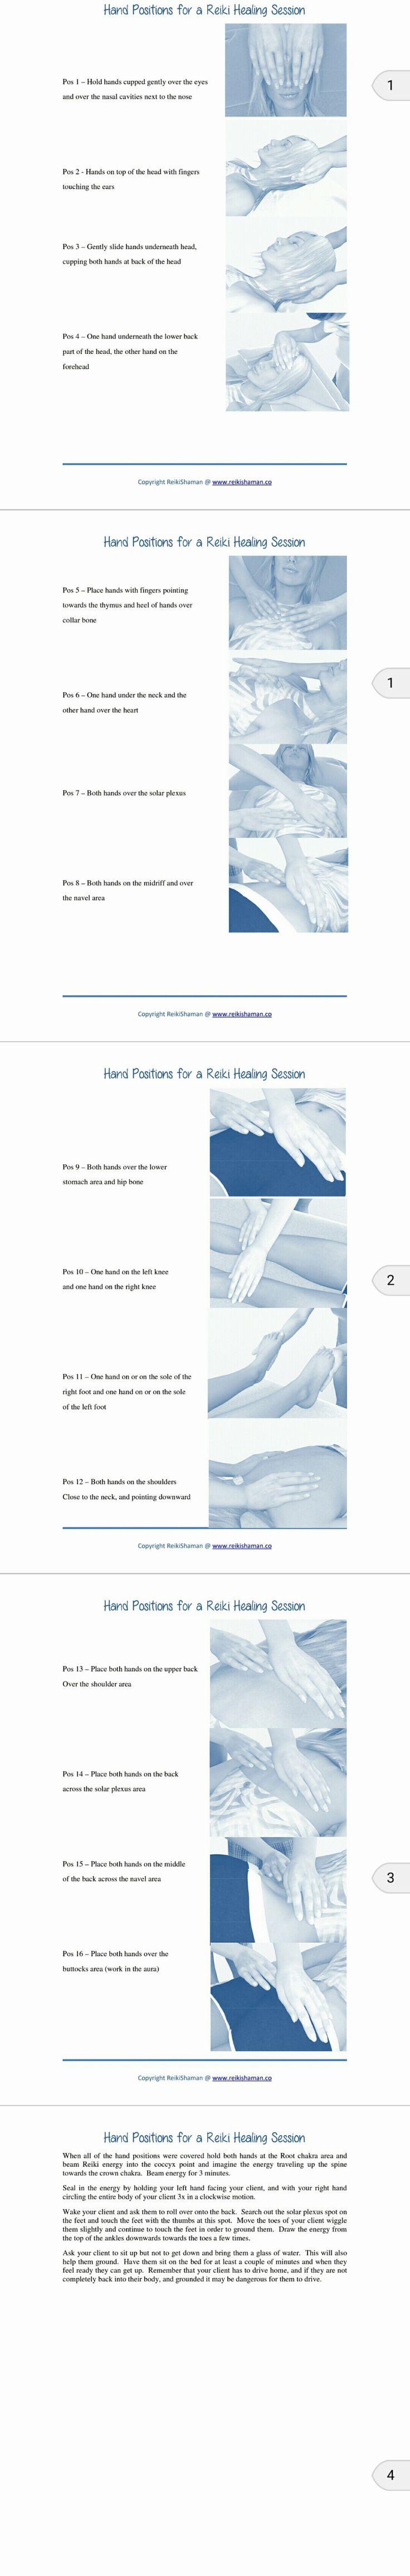 Reiki Hand Positions Free Print-outs | ReikiShaman